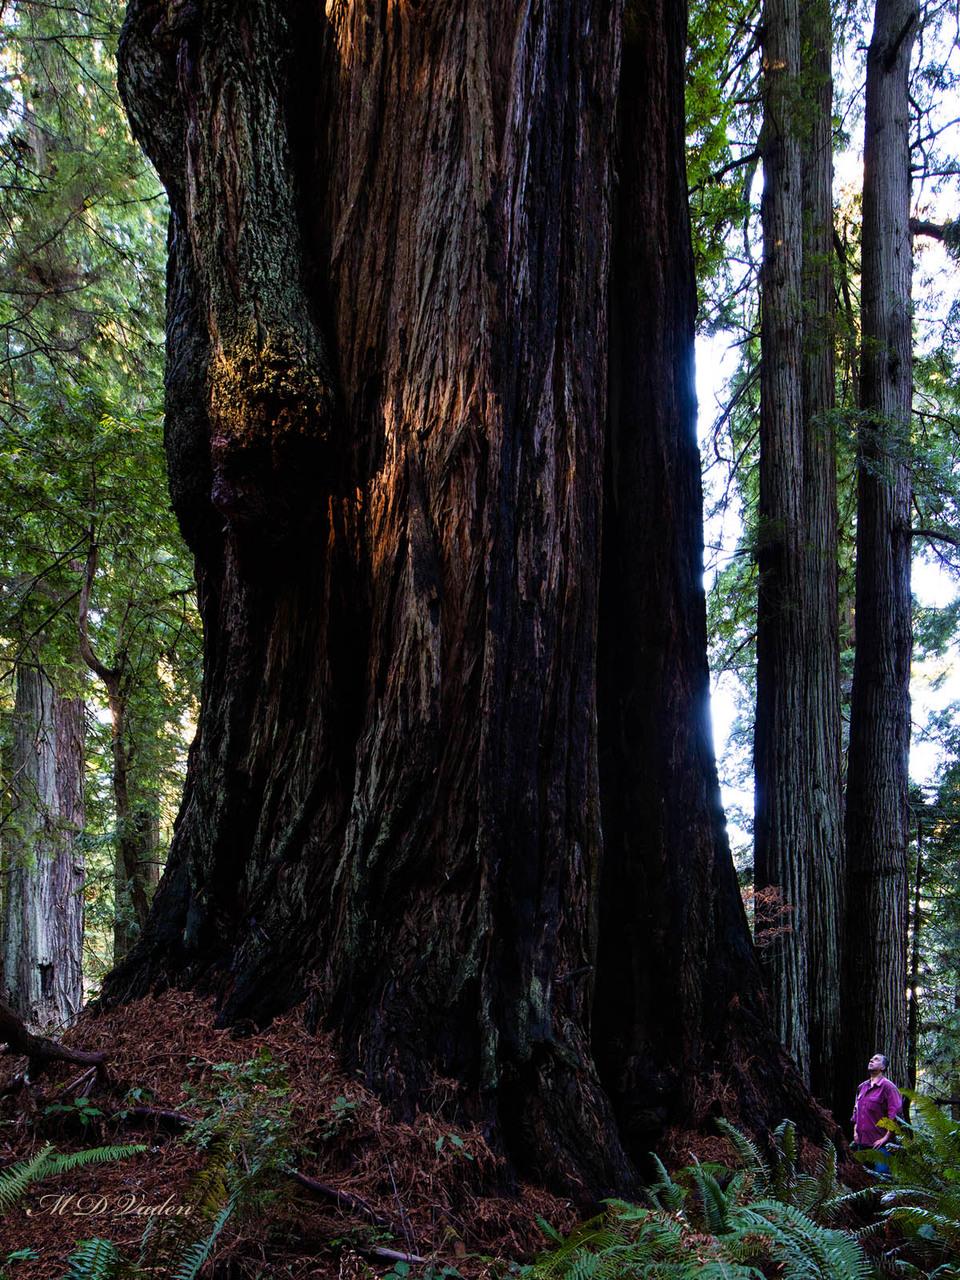 IMAGE: http://photos.imageevent.com/mdvaden/redwoods2/giant/Darth_Vader_12mdv.jpg